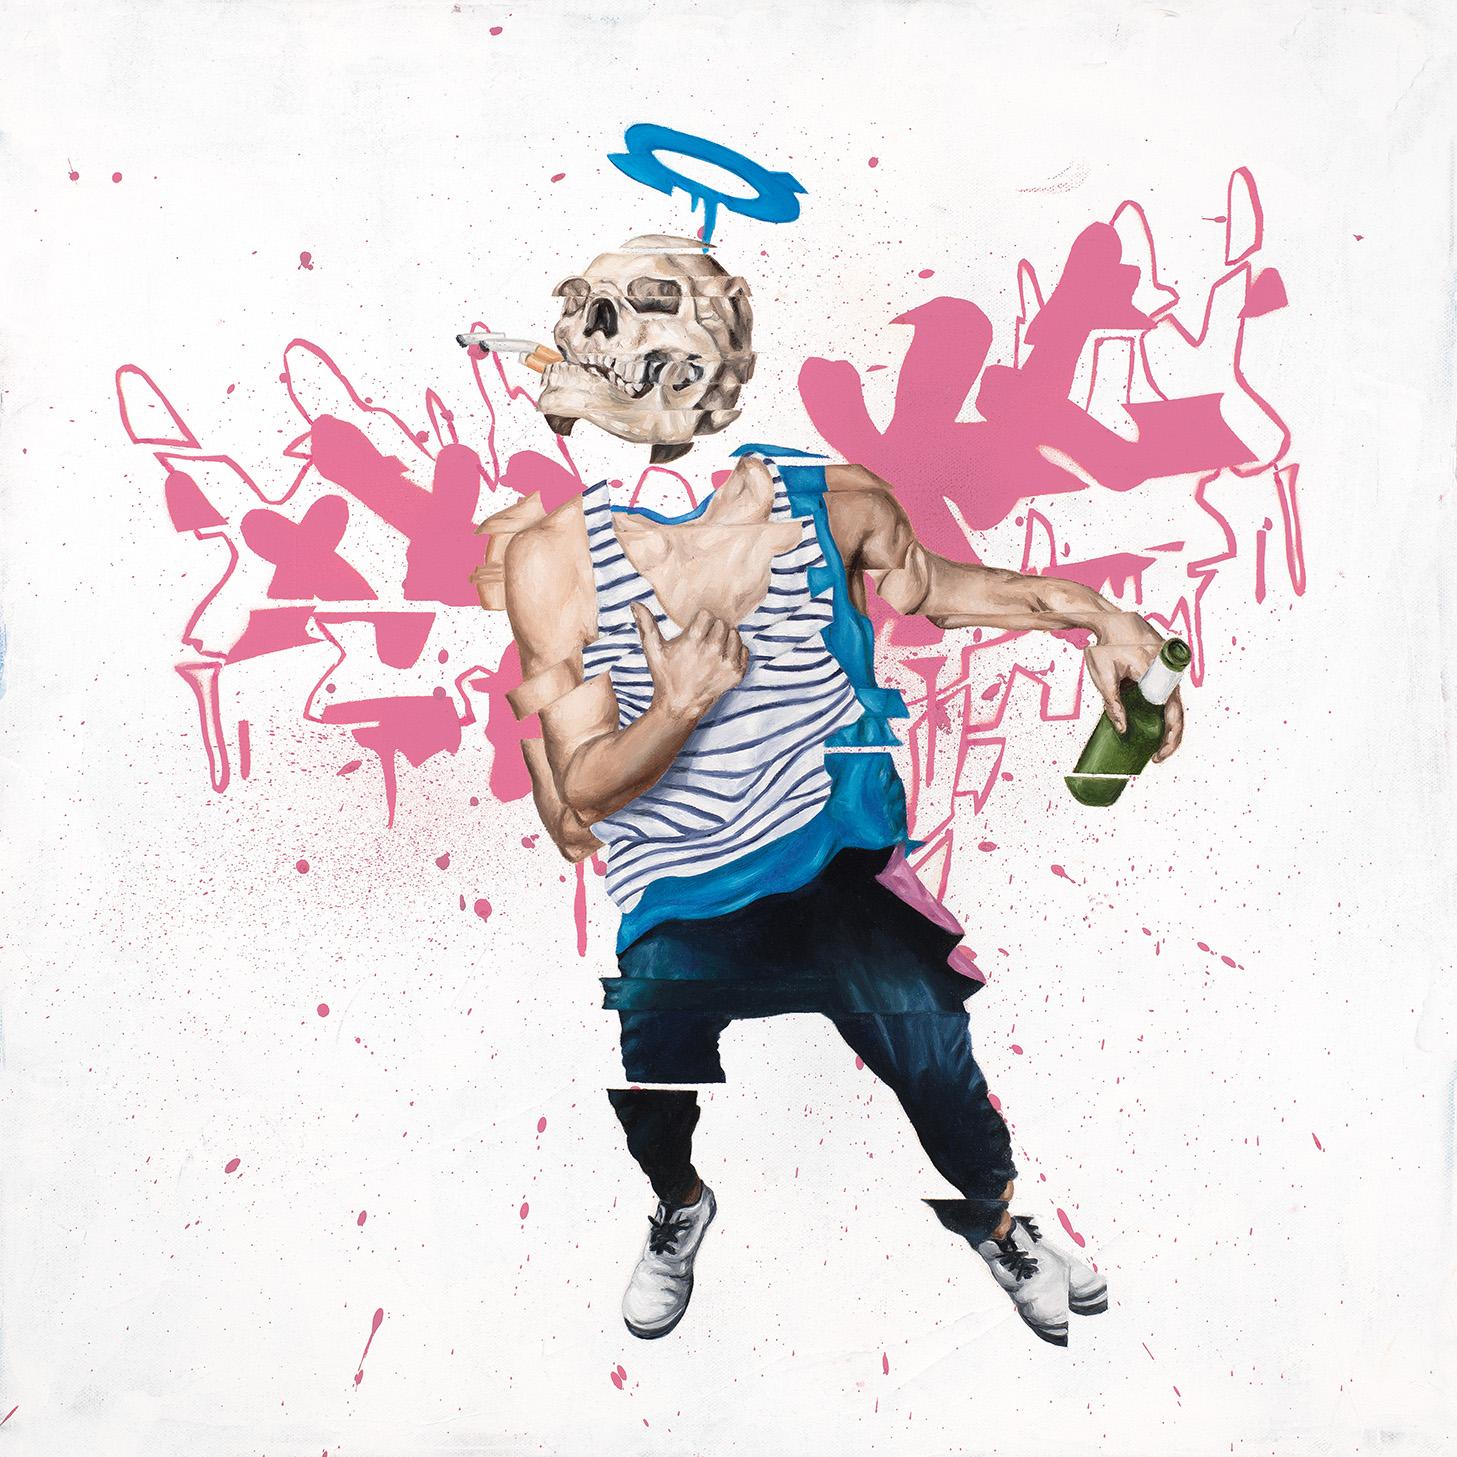 """Drink & Fly  Oil, spray paint, acrylic on canvas 18"""" x 18"""" (20""""x20"""" framed)   $1,500"""